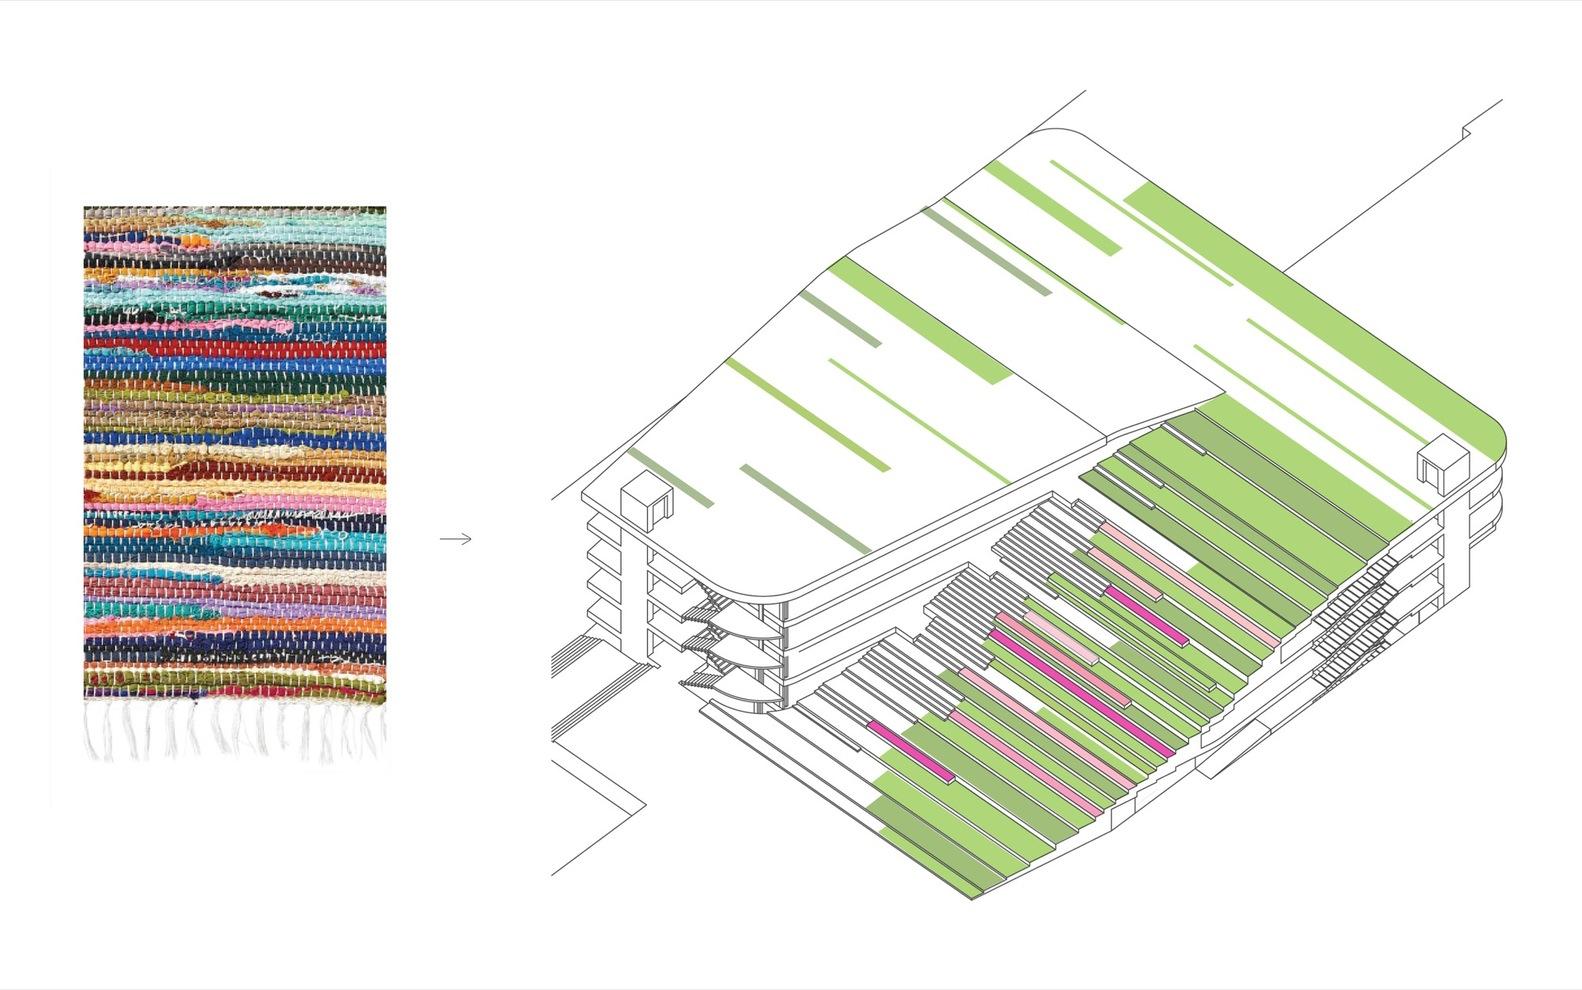 the parking garage that moonlights as a sledding slope white arkitekter henning larsen architects diagram [ 1582 x 990 Pixel ]